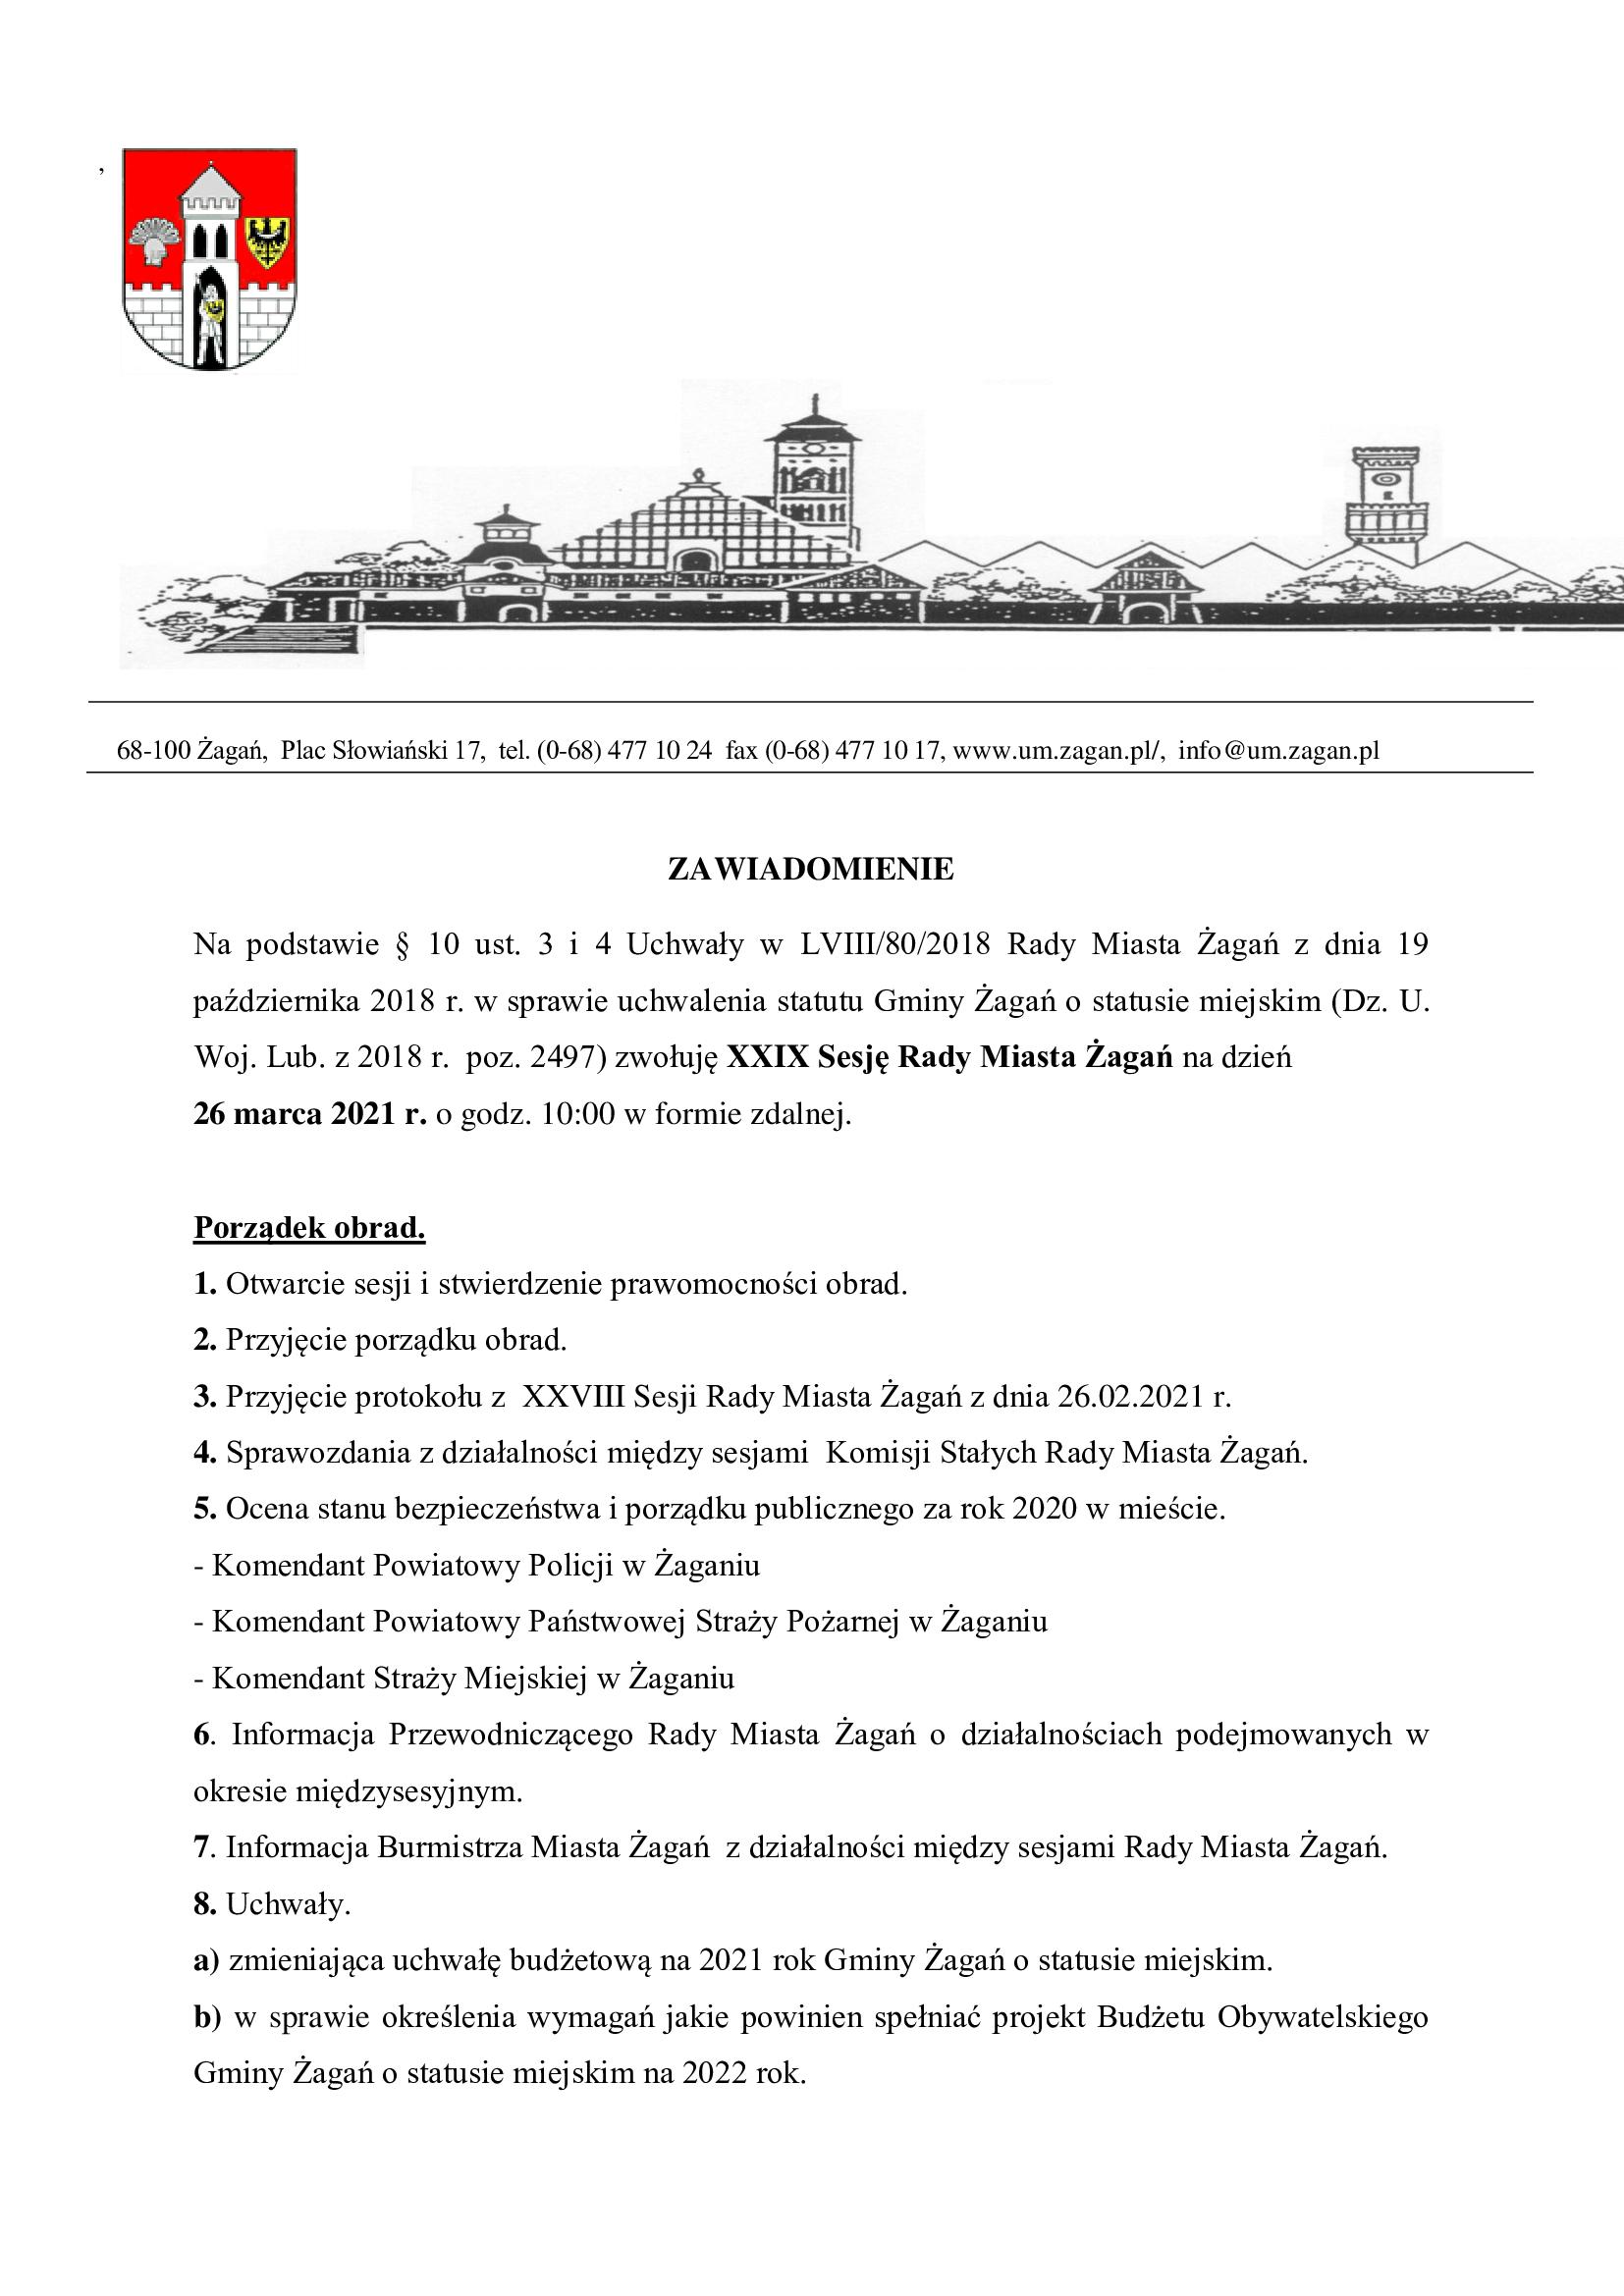 XXIX sesja Rady Miasta Żagań